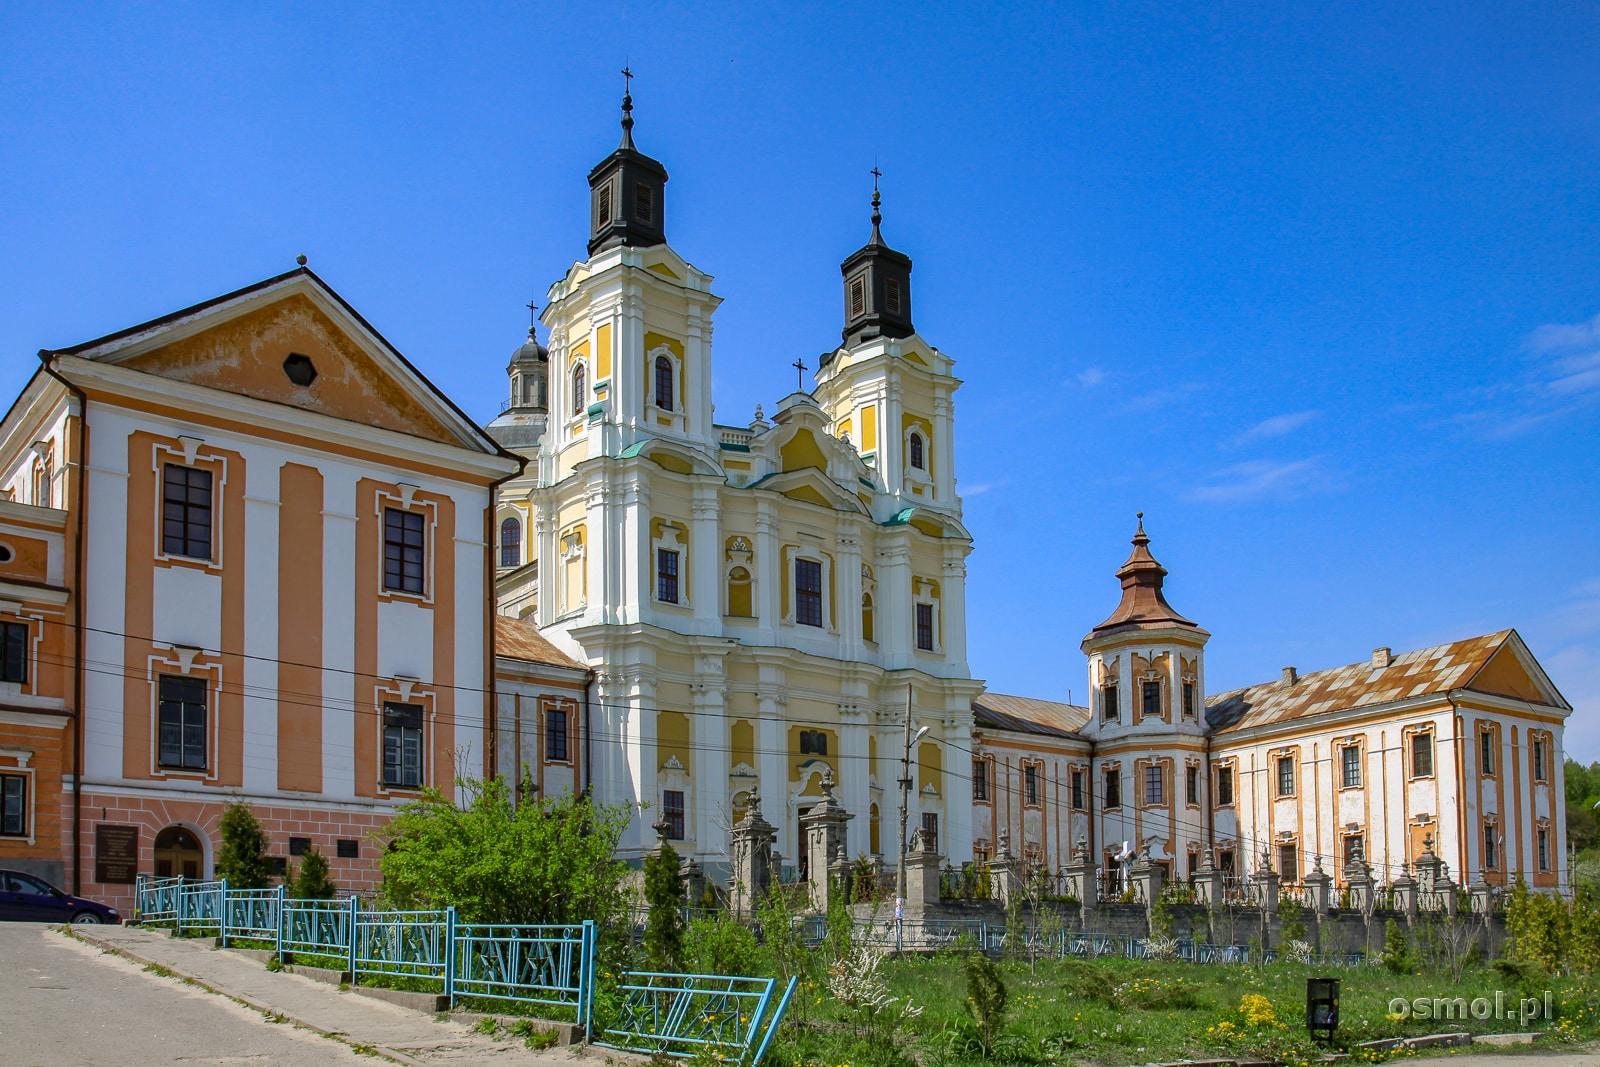 Liceum Wołyńskie w Krzemieńcu, które później zmieniło nazwę na Liceum Krzemienieckie. Liceum i kościół Jezuitów stanowią jeden kompleks